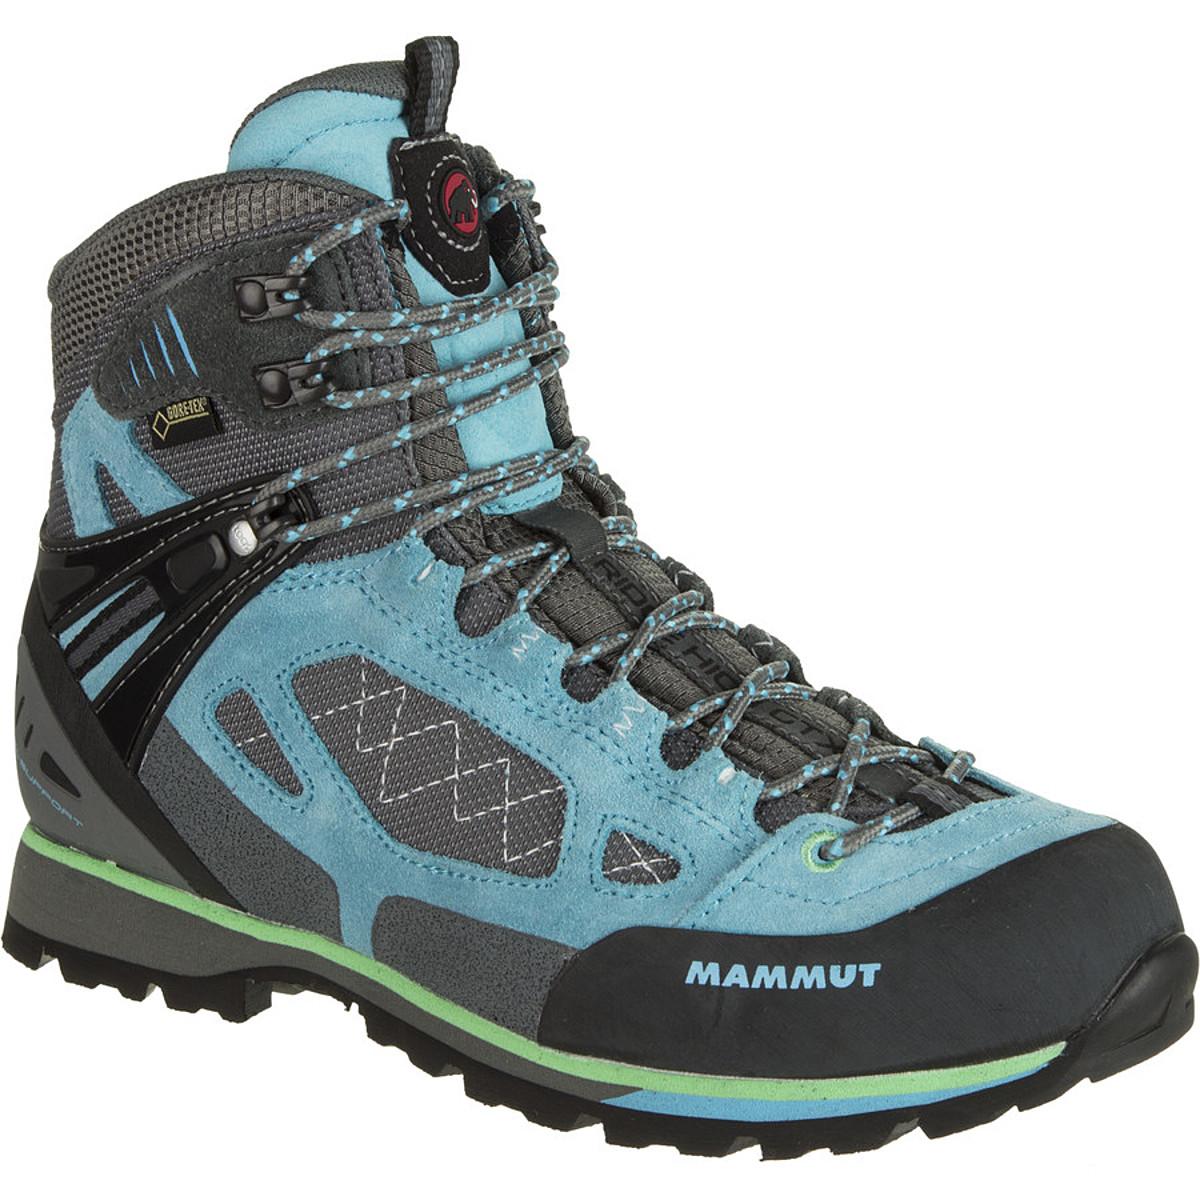 Mammut Ridge High GTX